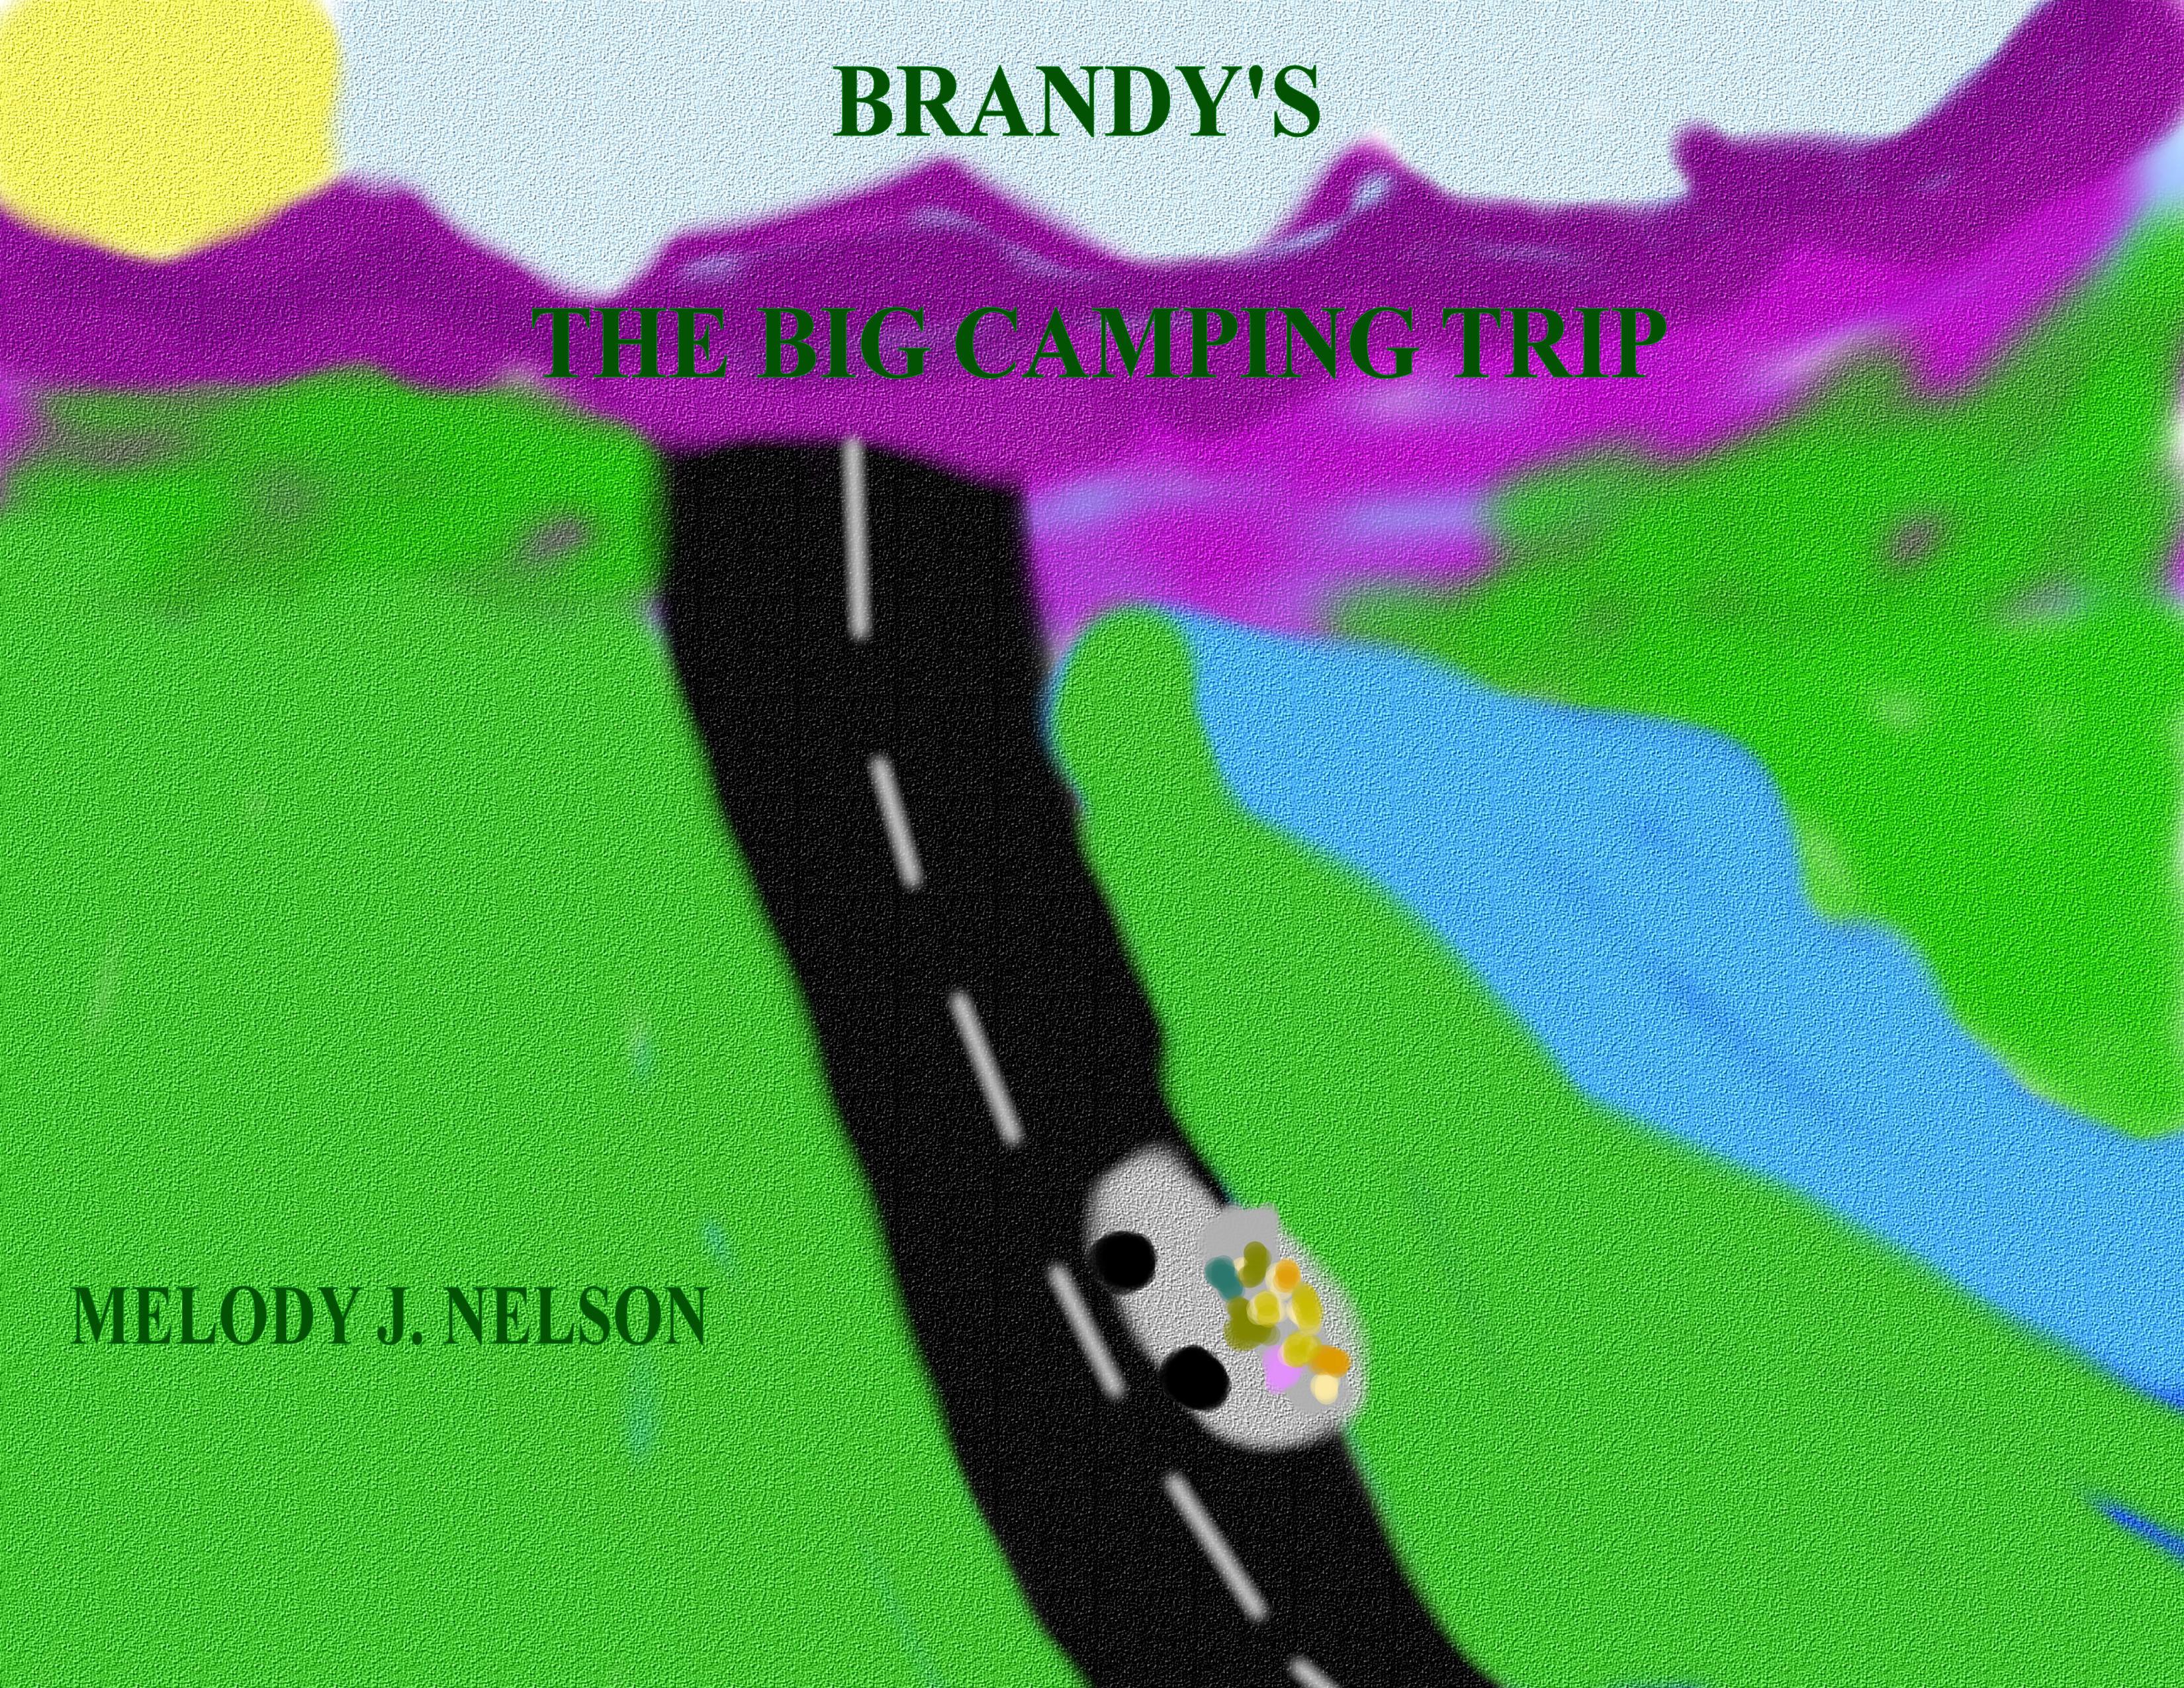 The Big Camping Trip.jpg